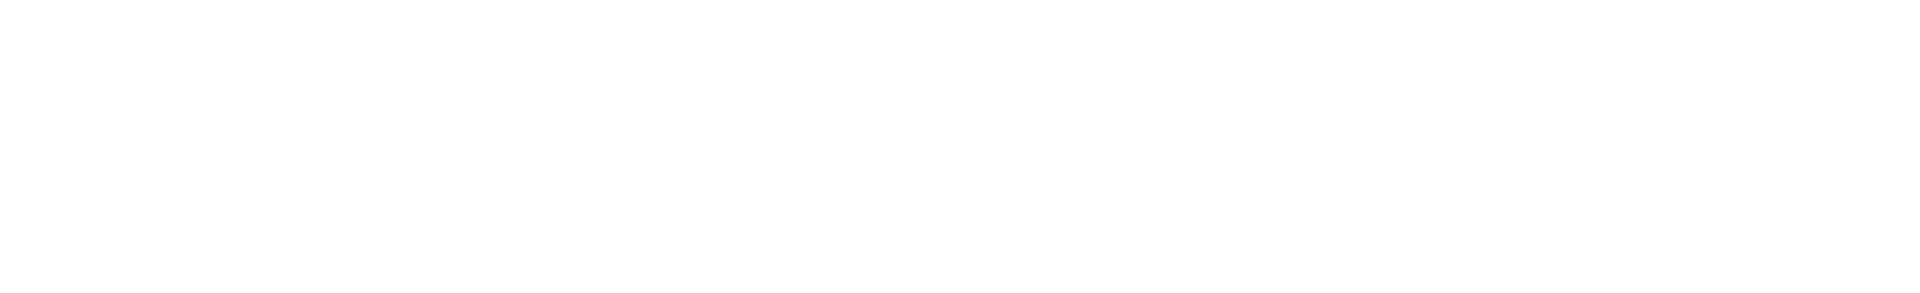 Kriogén alkalmazások és hálózatok kivitelezése